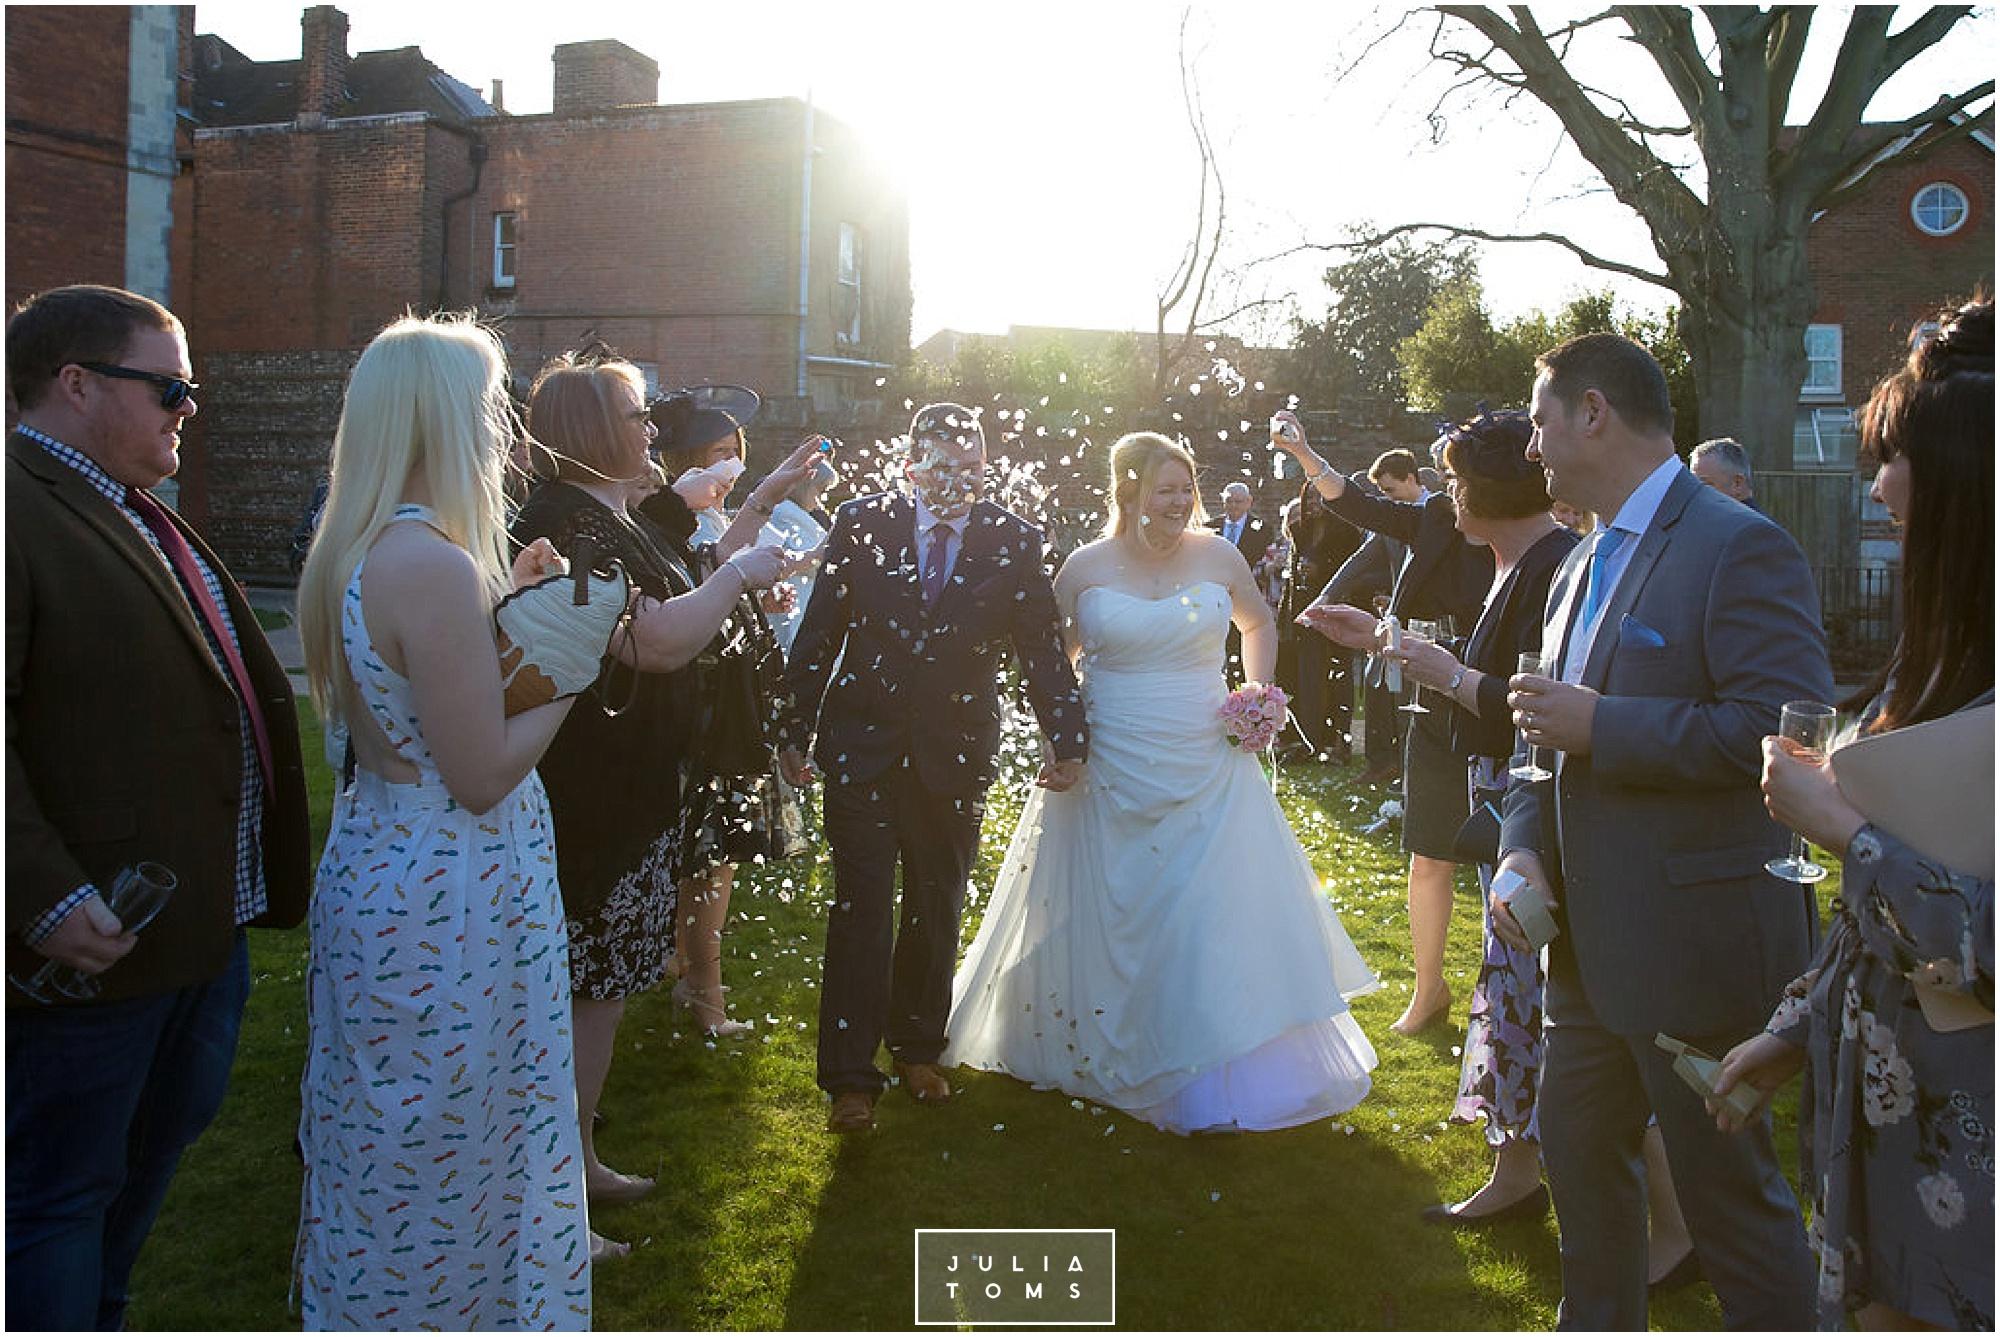 JuliaToms_chichester_wedding_photograher_edes_house_030.jpg